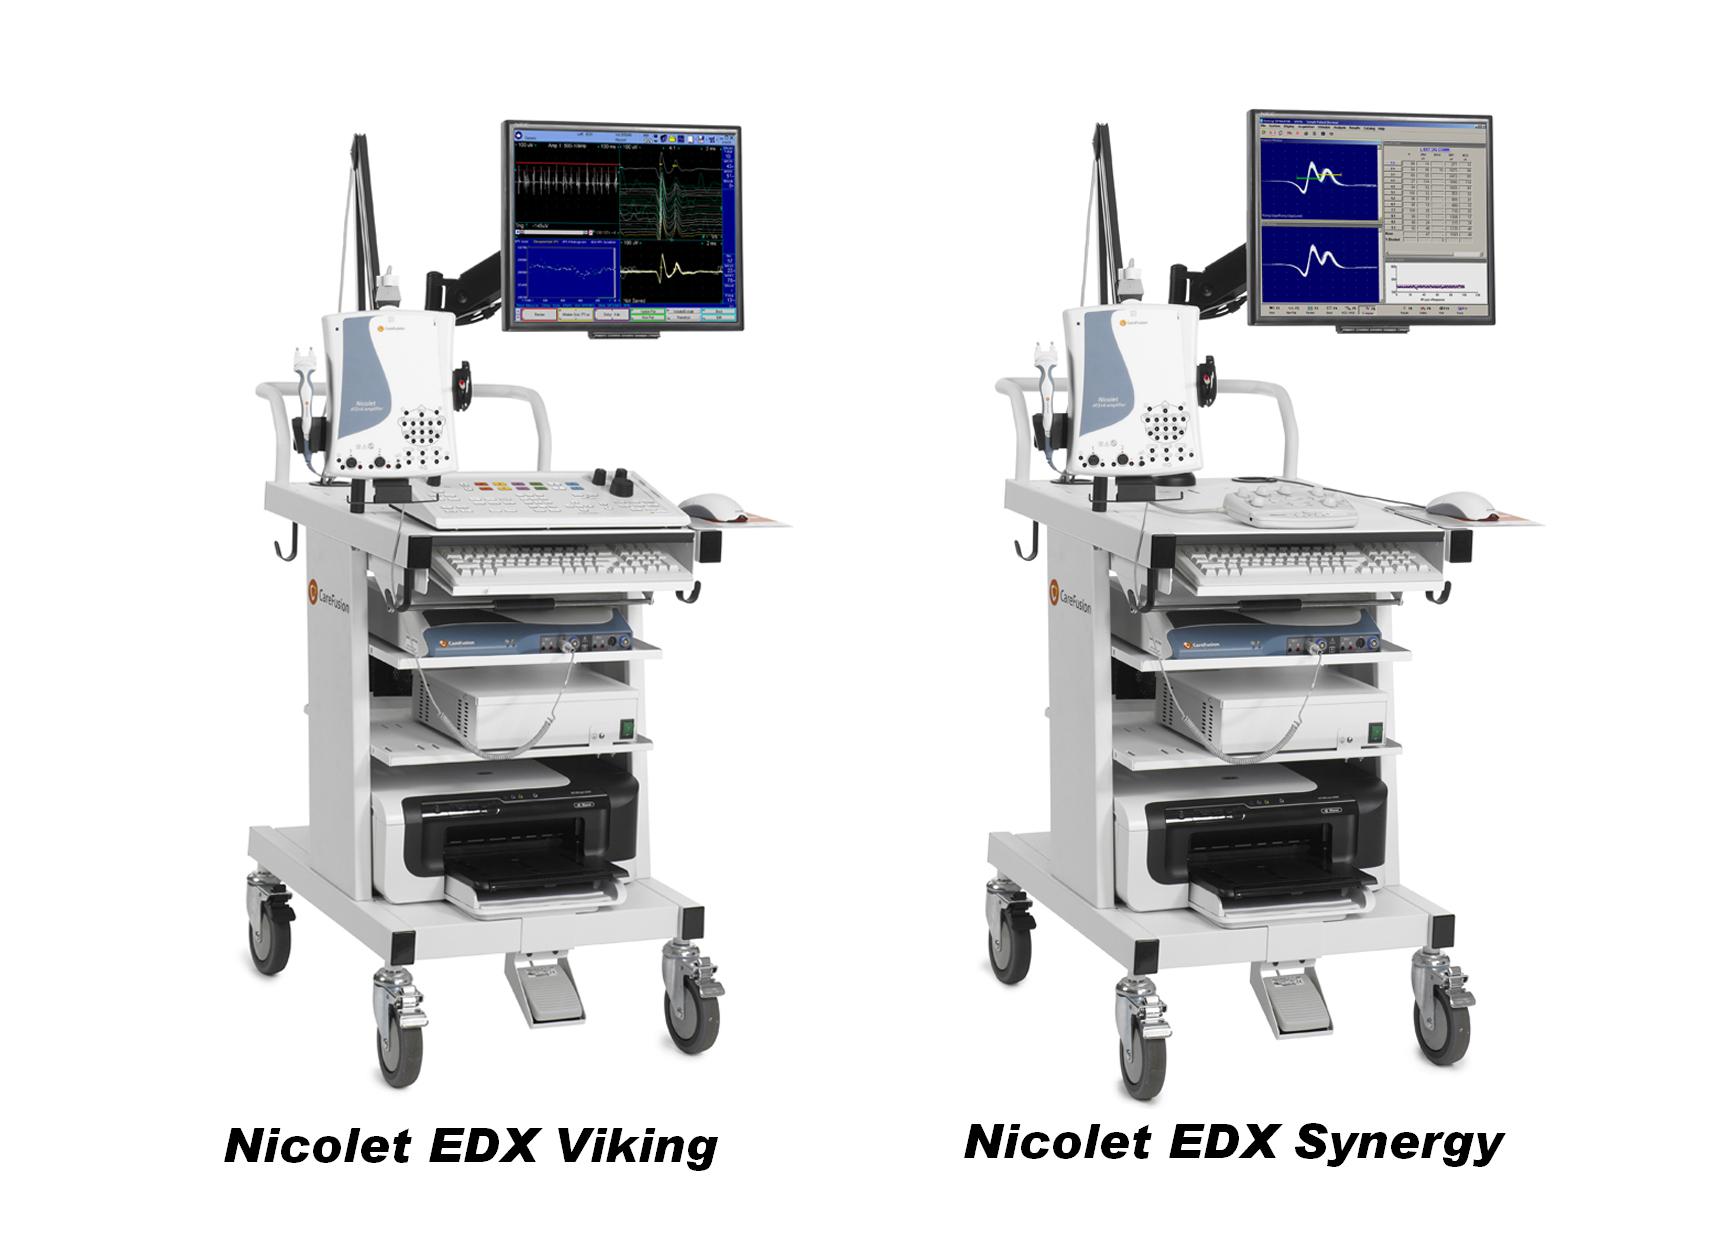 viking emg machine